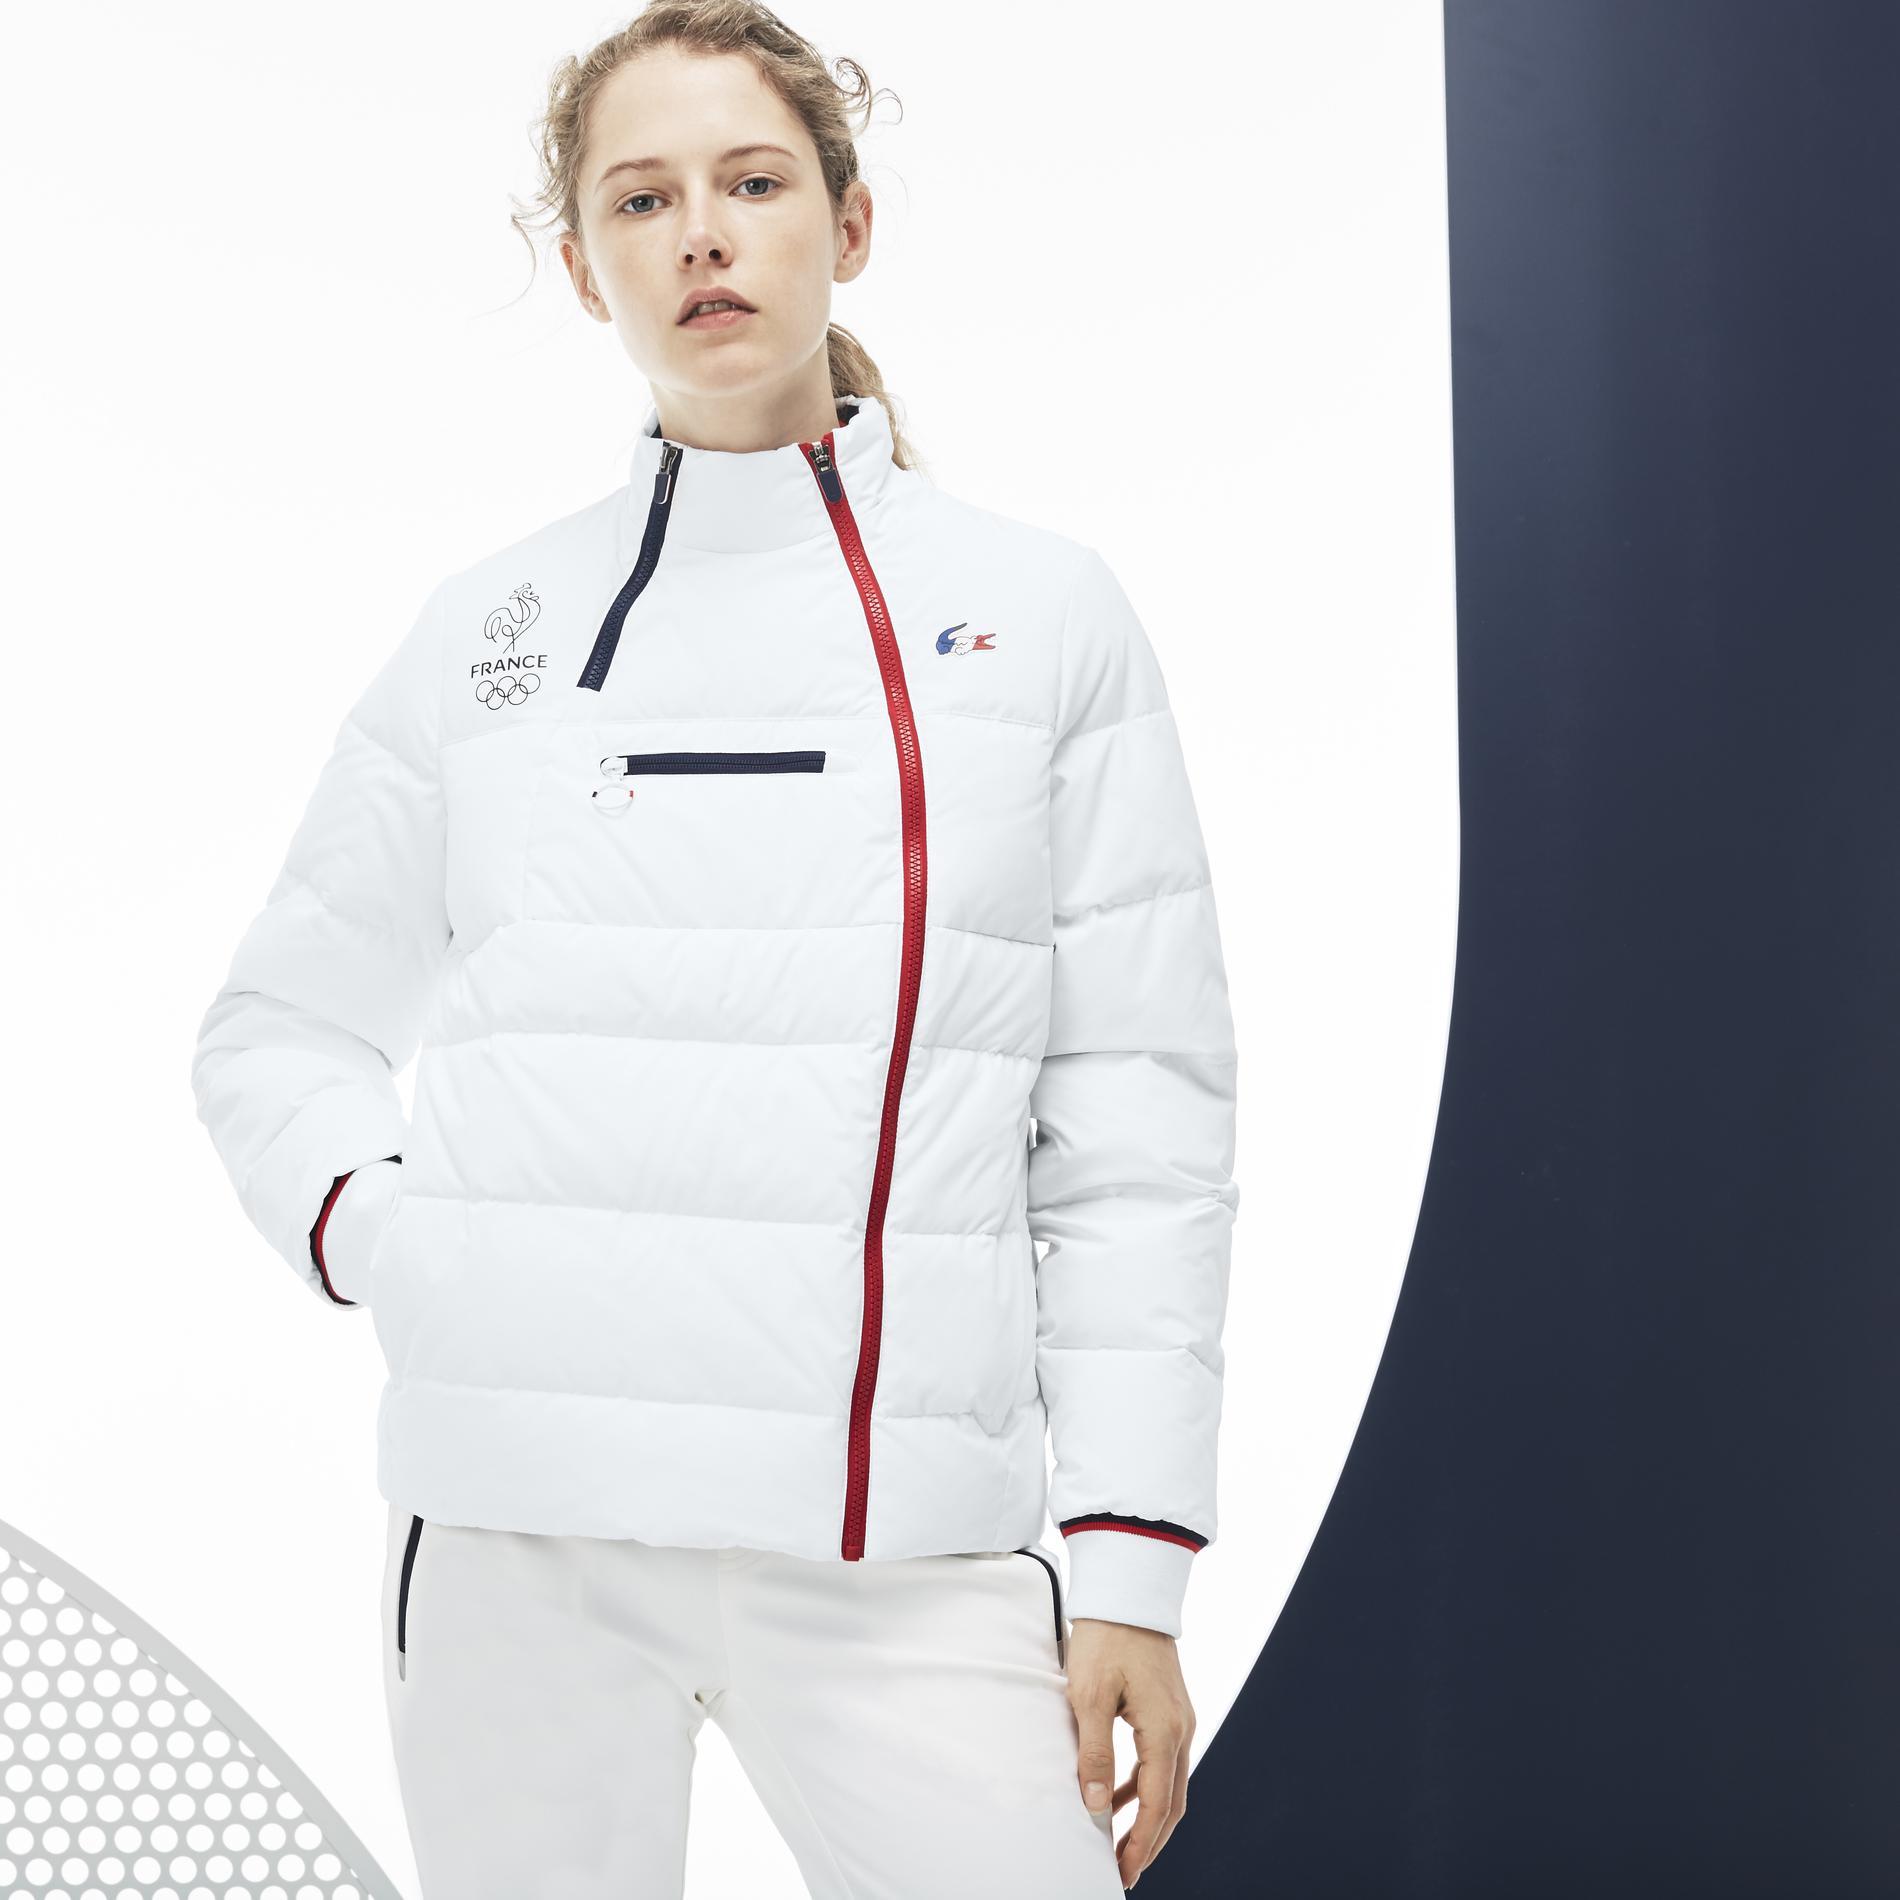 812178efd2 ... Lacoste dévoile les tenues officielles des Français aux JO d'hiver 2018  ...